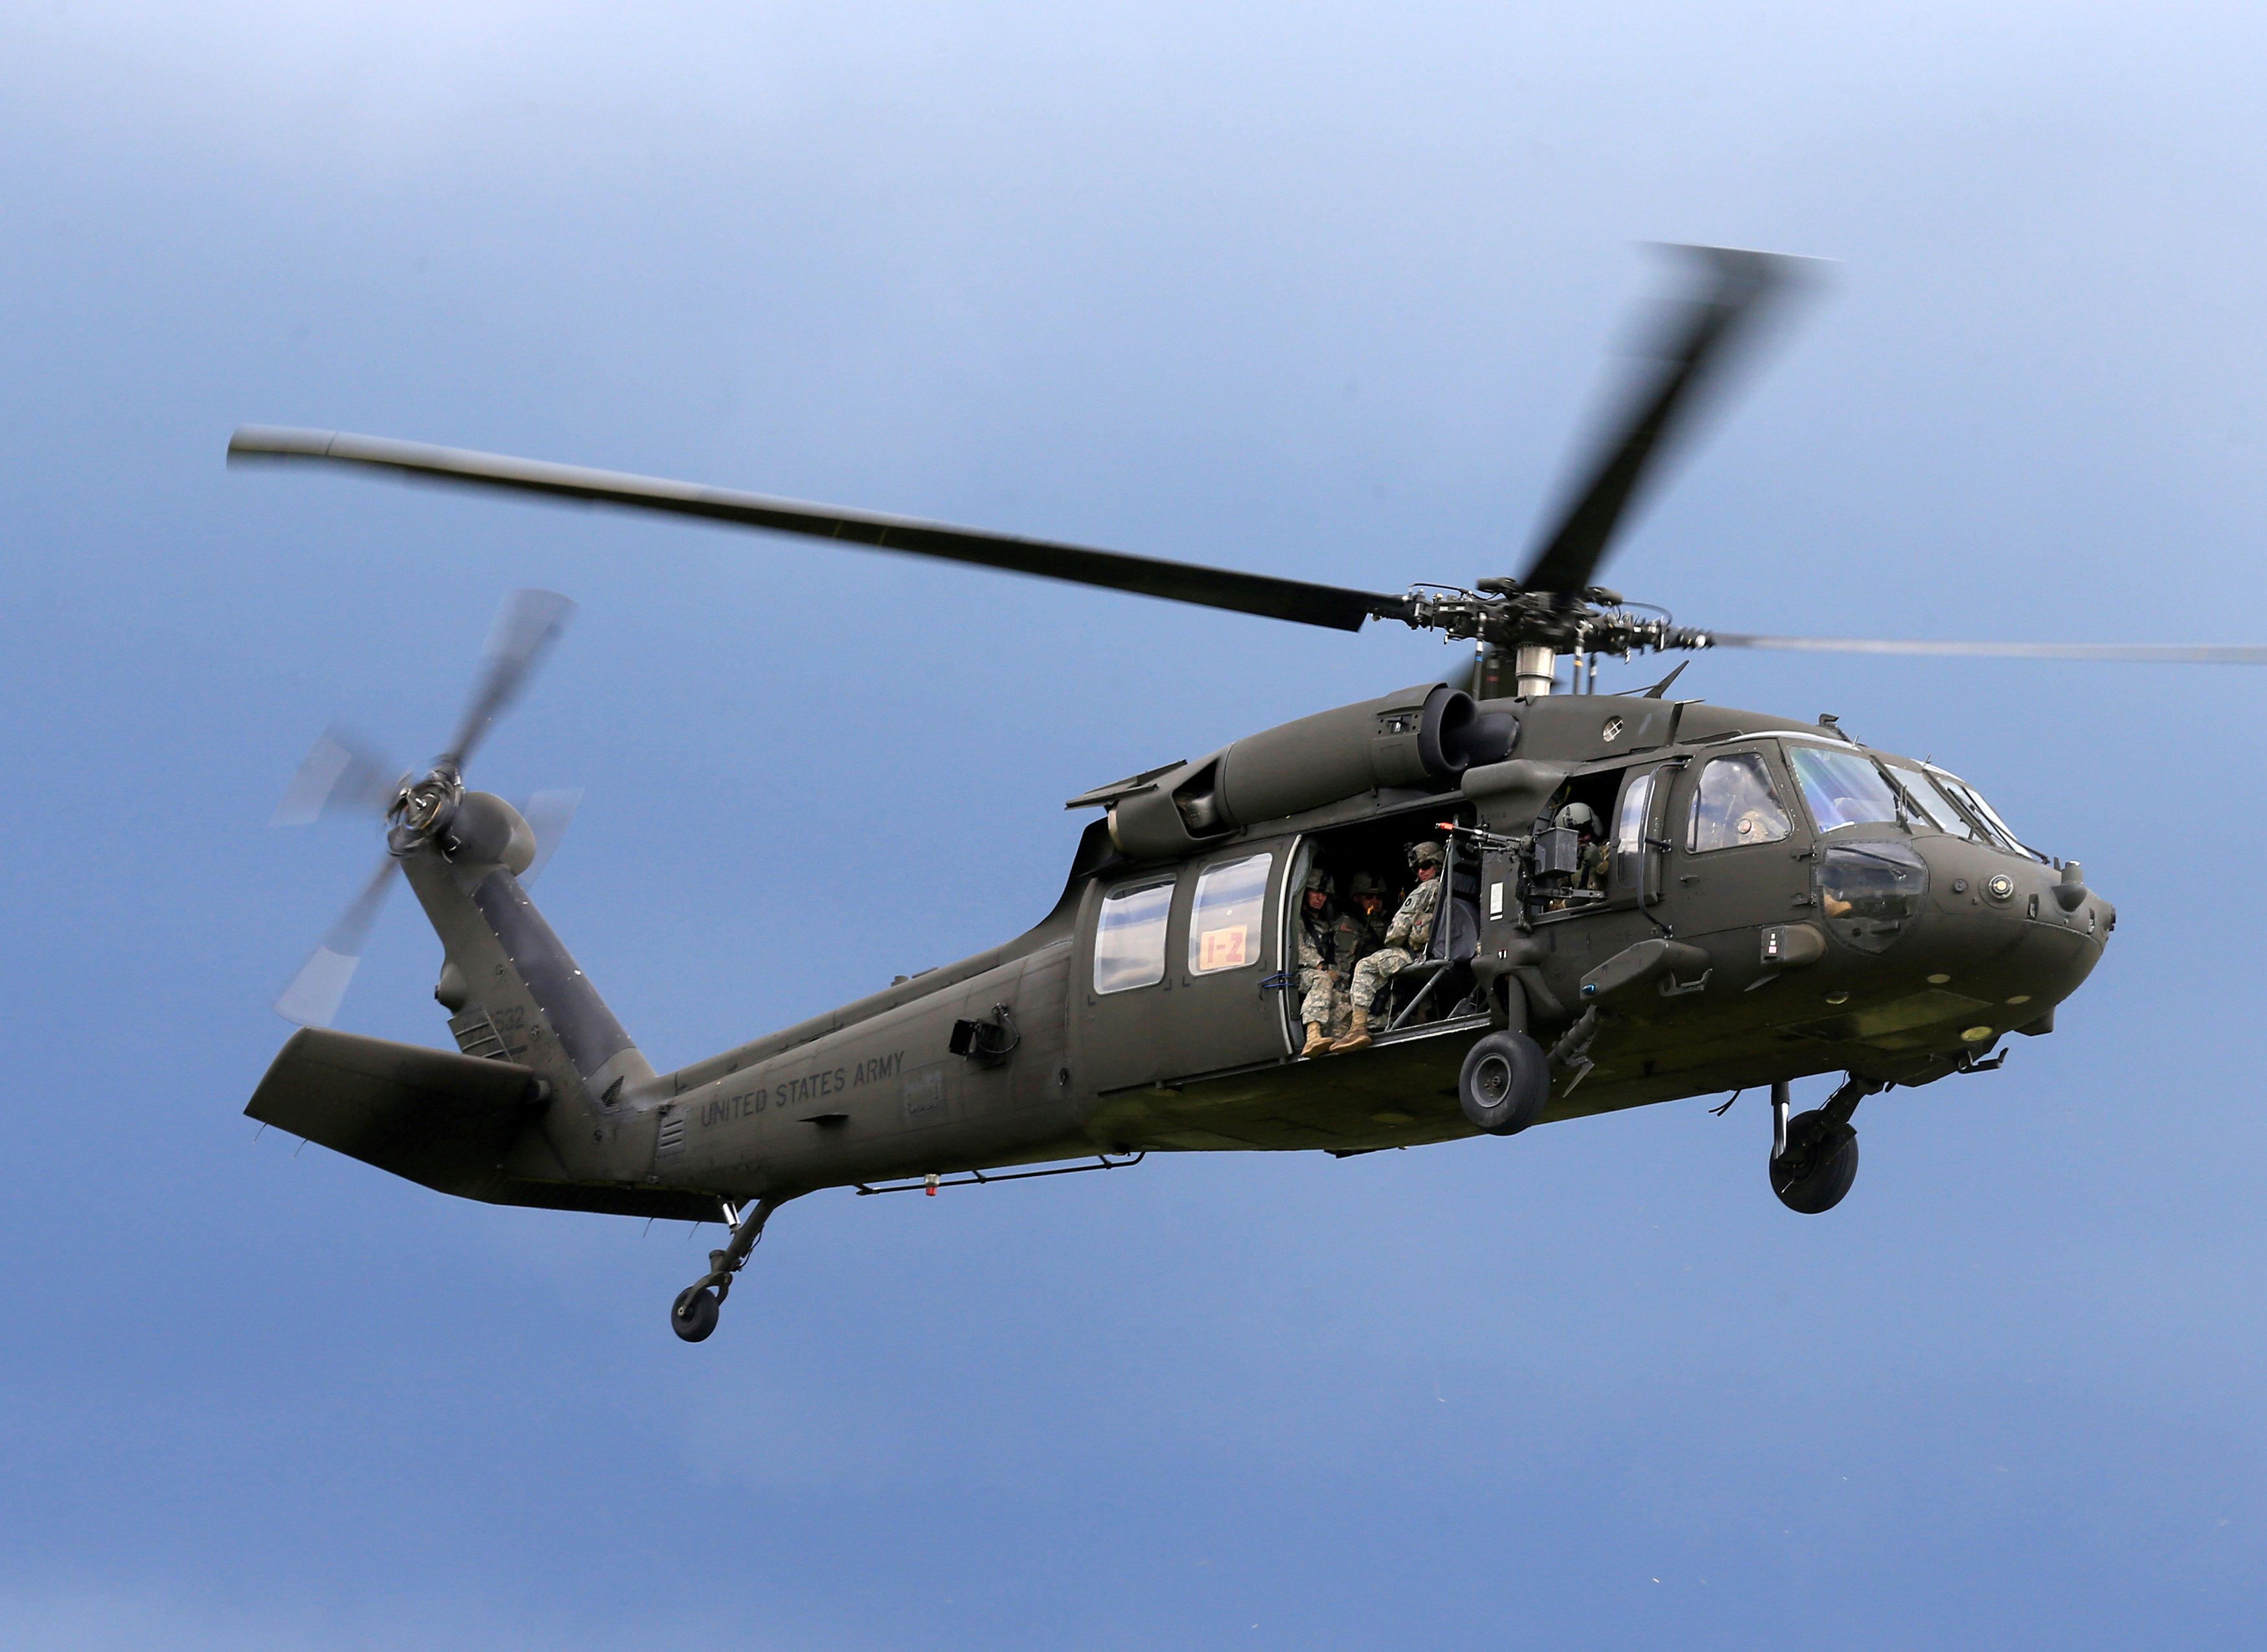 blackhawk helicopter - photo #19